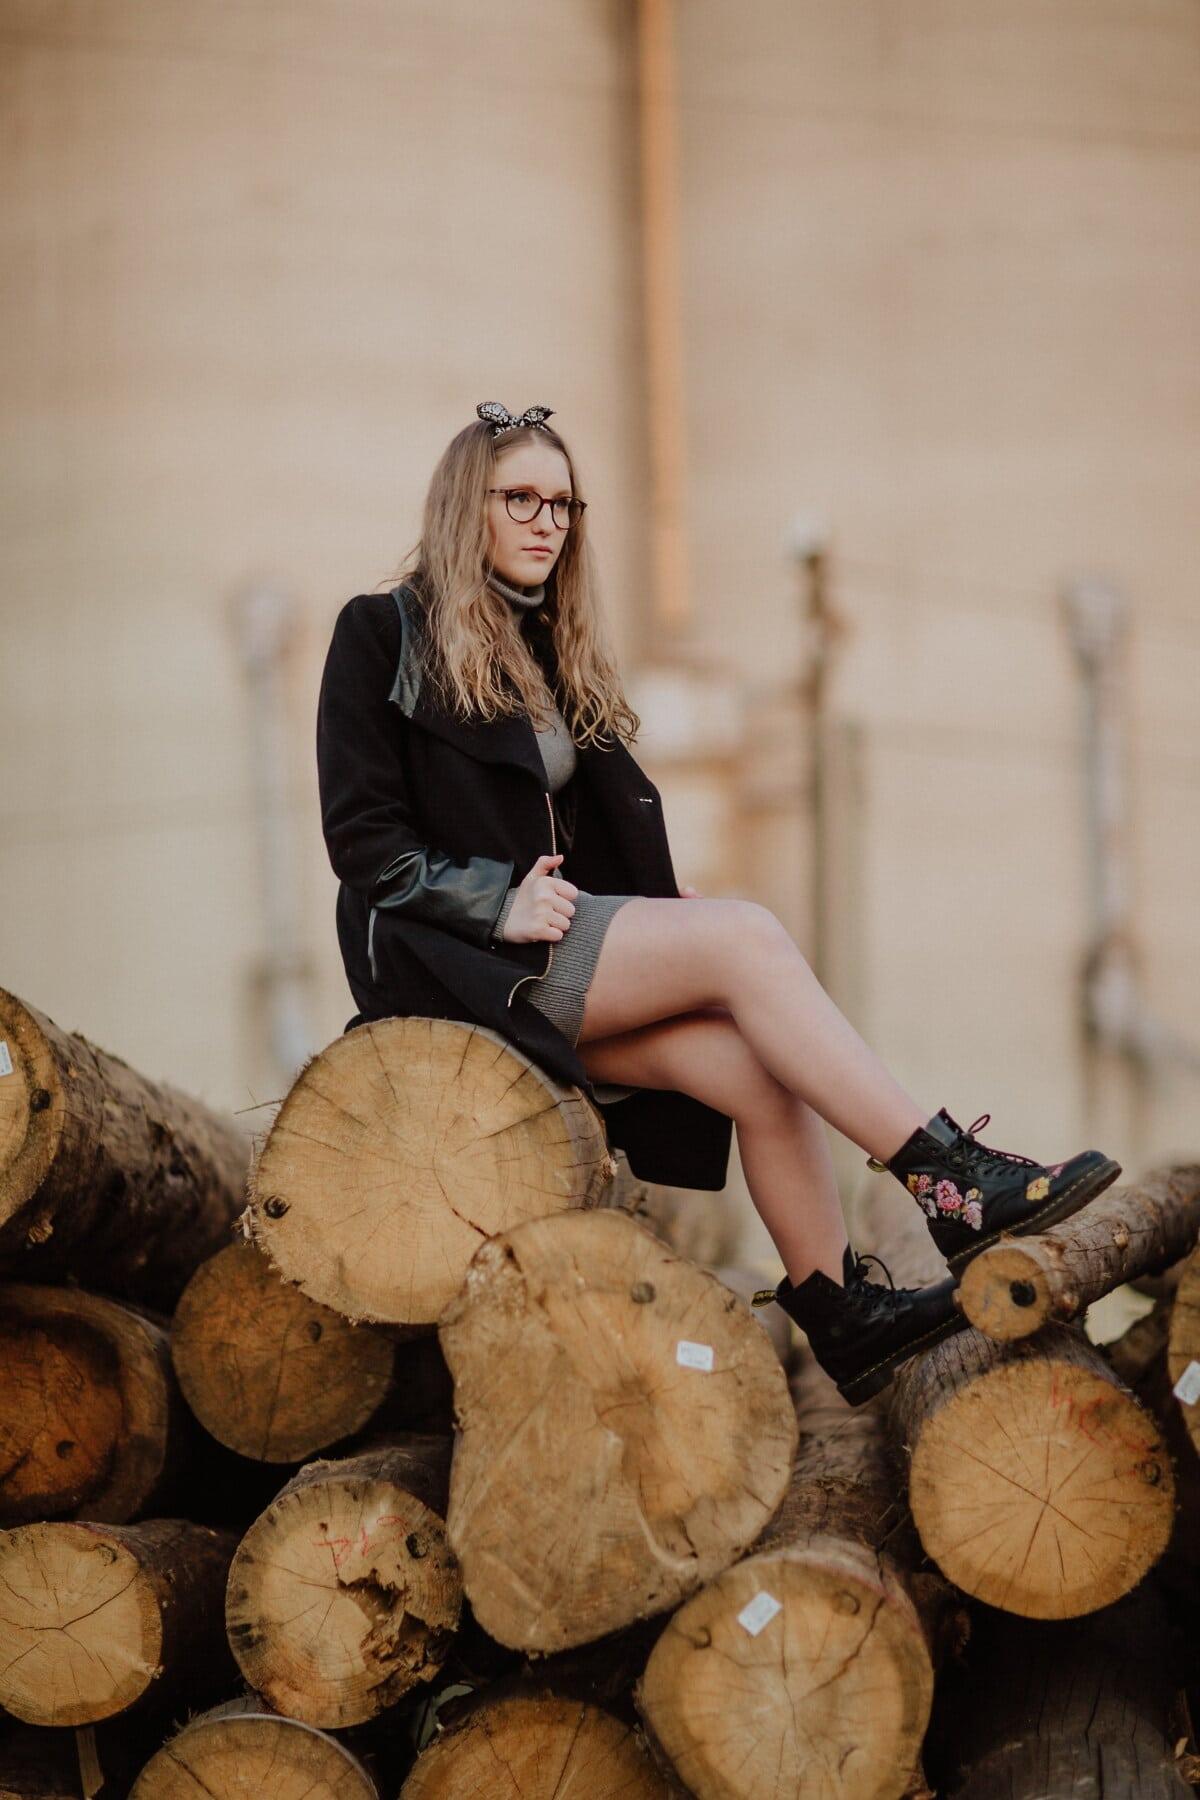 Teenager, hübsches mädchen, Holz, sitzen, Herbstsaison, Frau, Menschen, Mädchen, Mode, Porträt